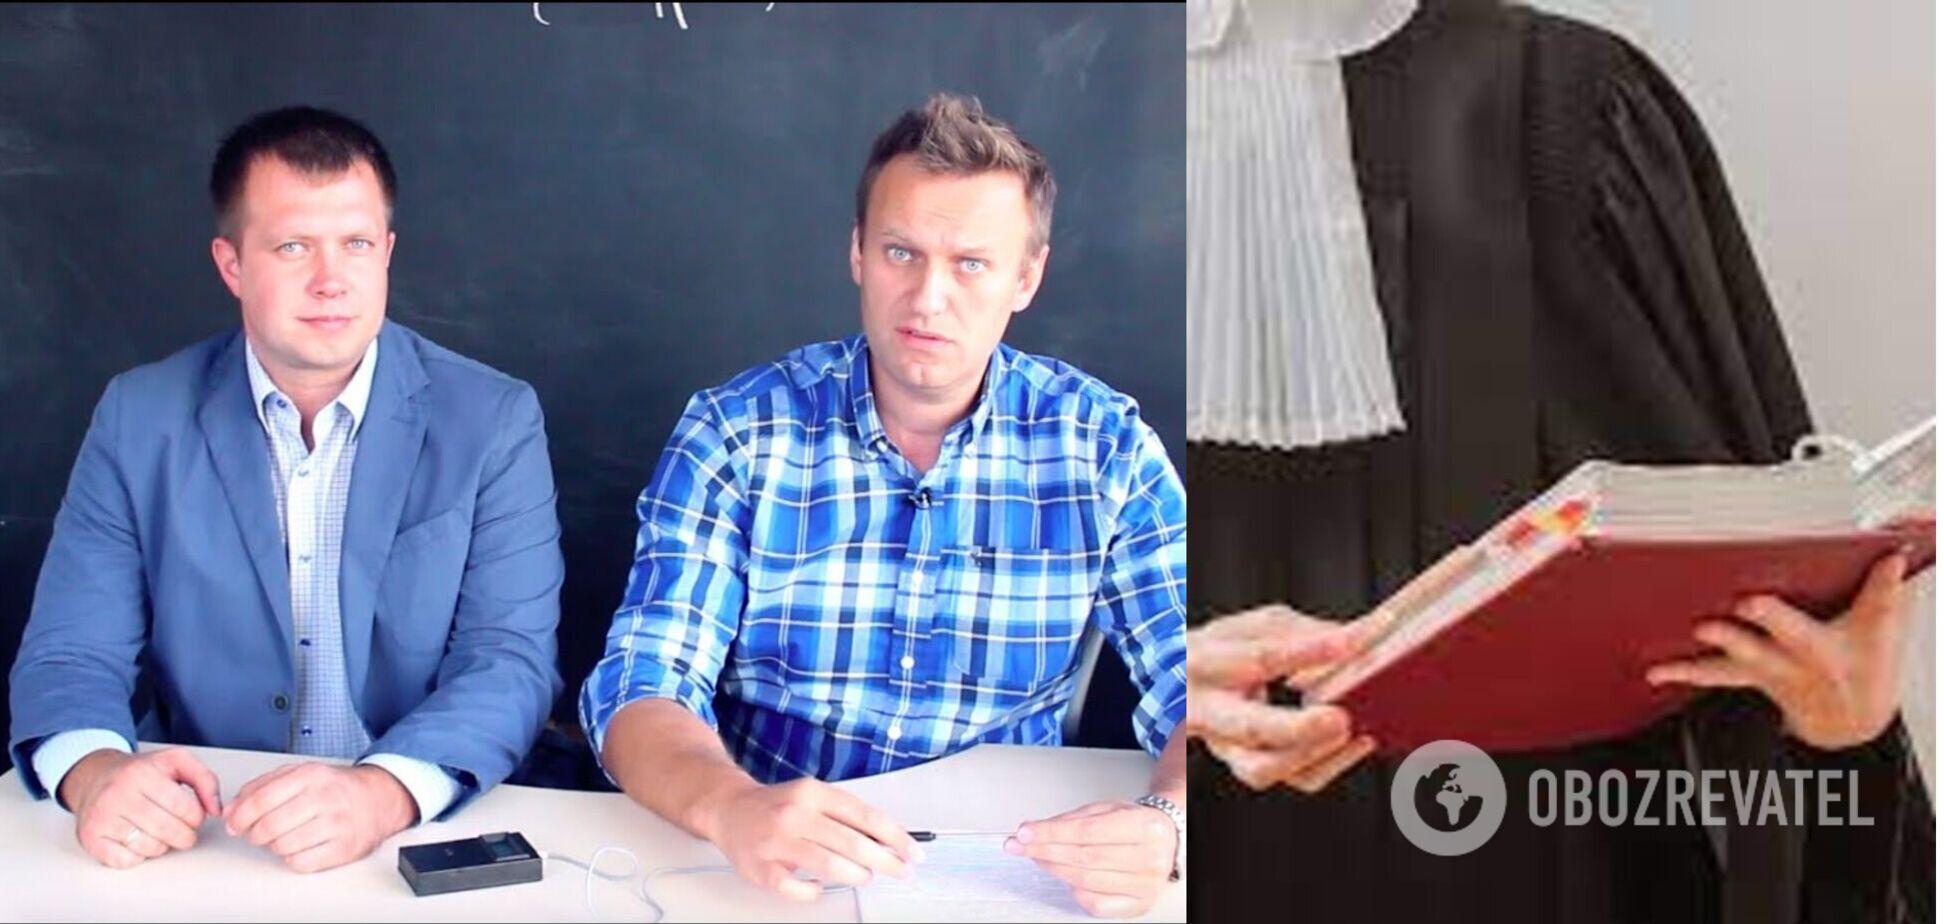 У Росії винесли вирок соратникові Навального. Всі подробиці справи